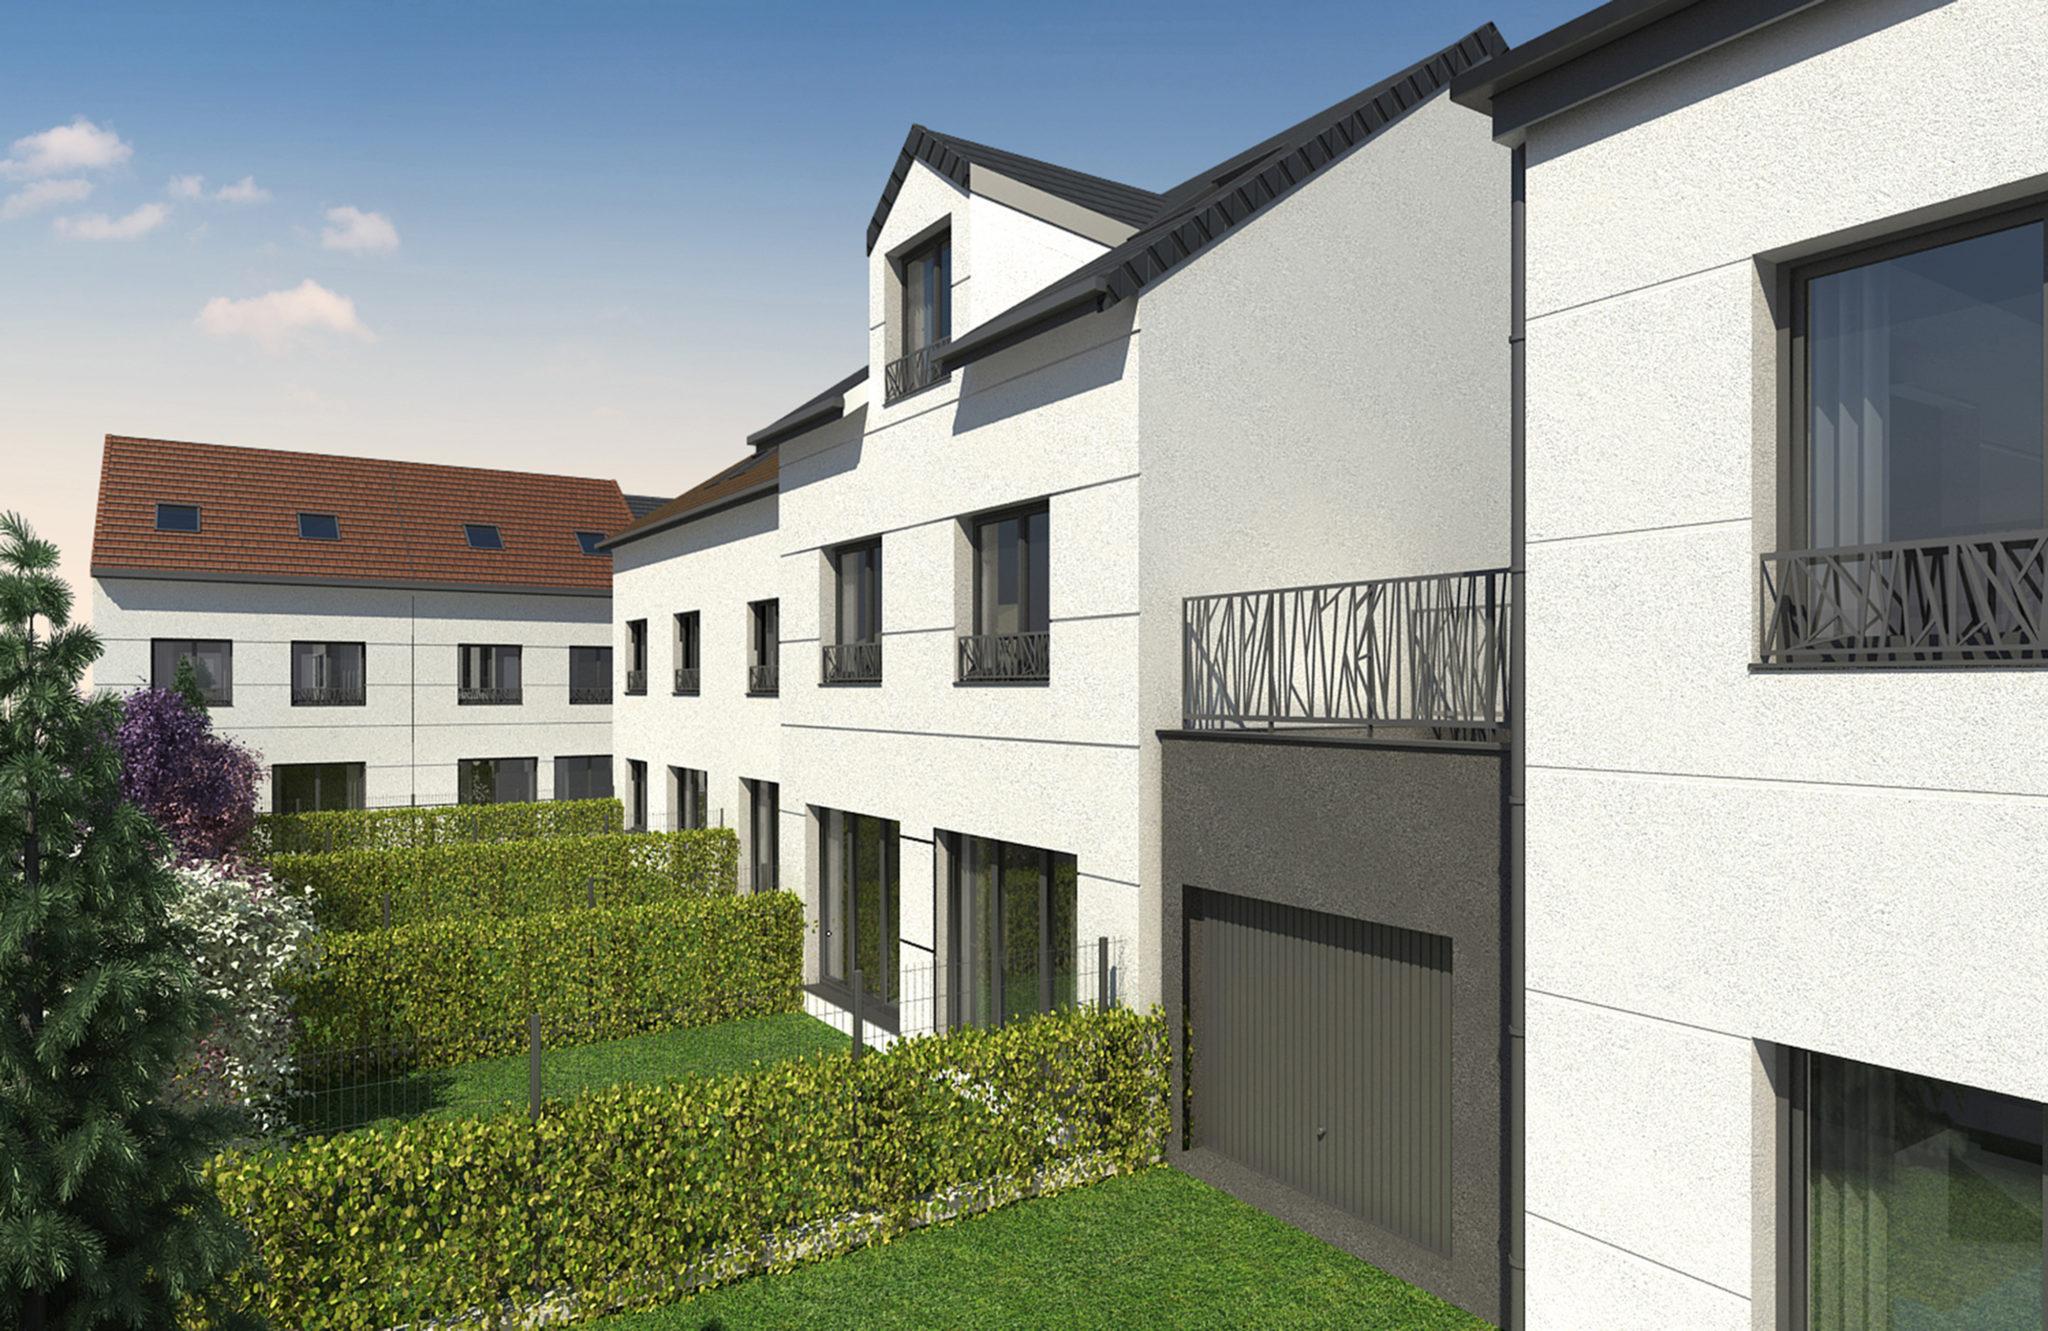 Plan 3D de la vue sur les cours intérieures construite avec les villas